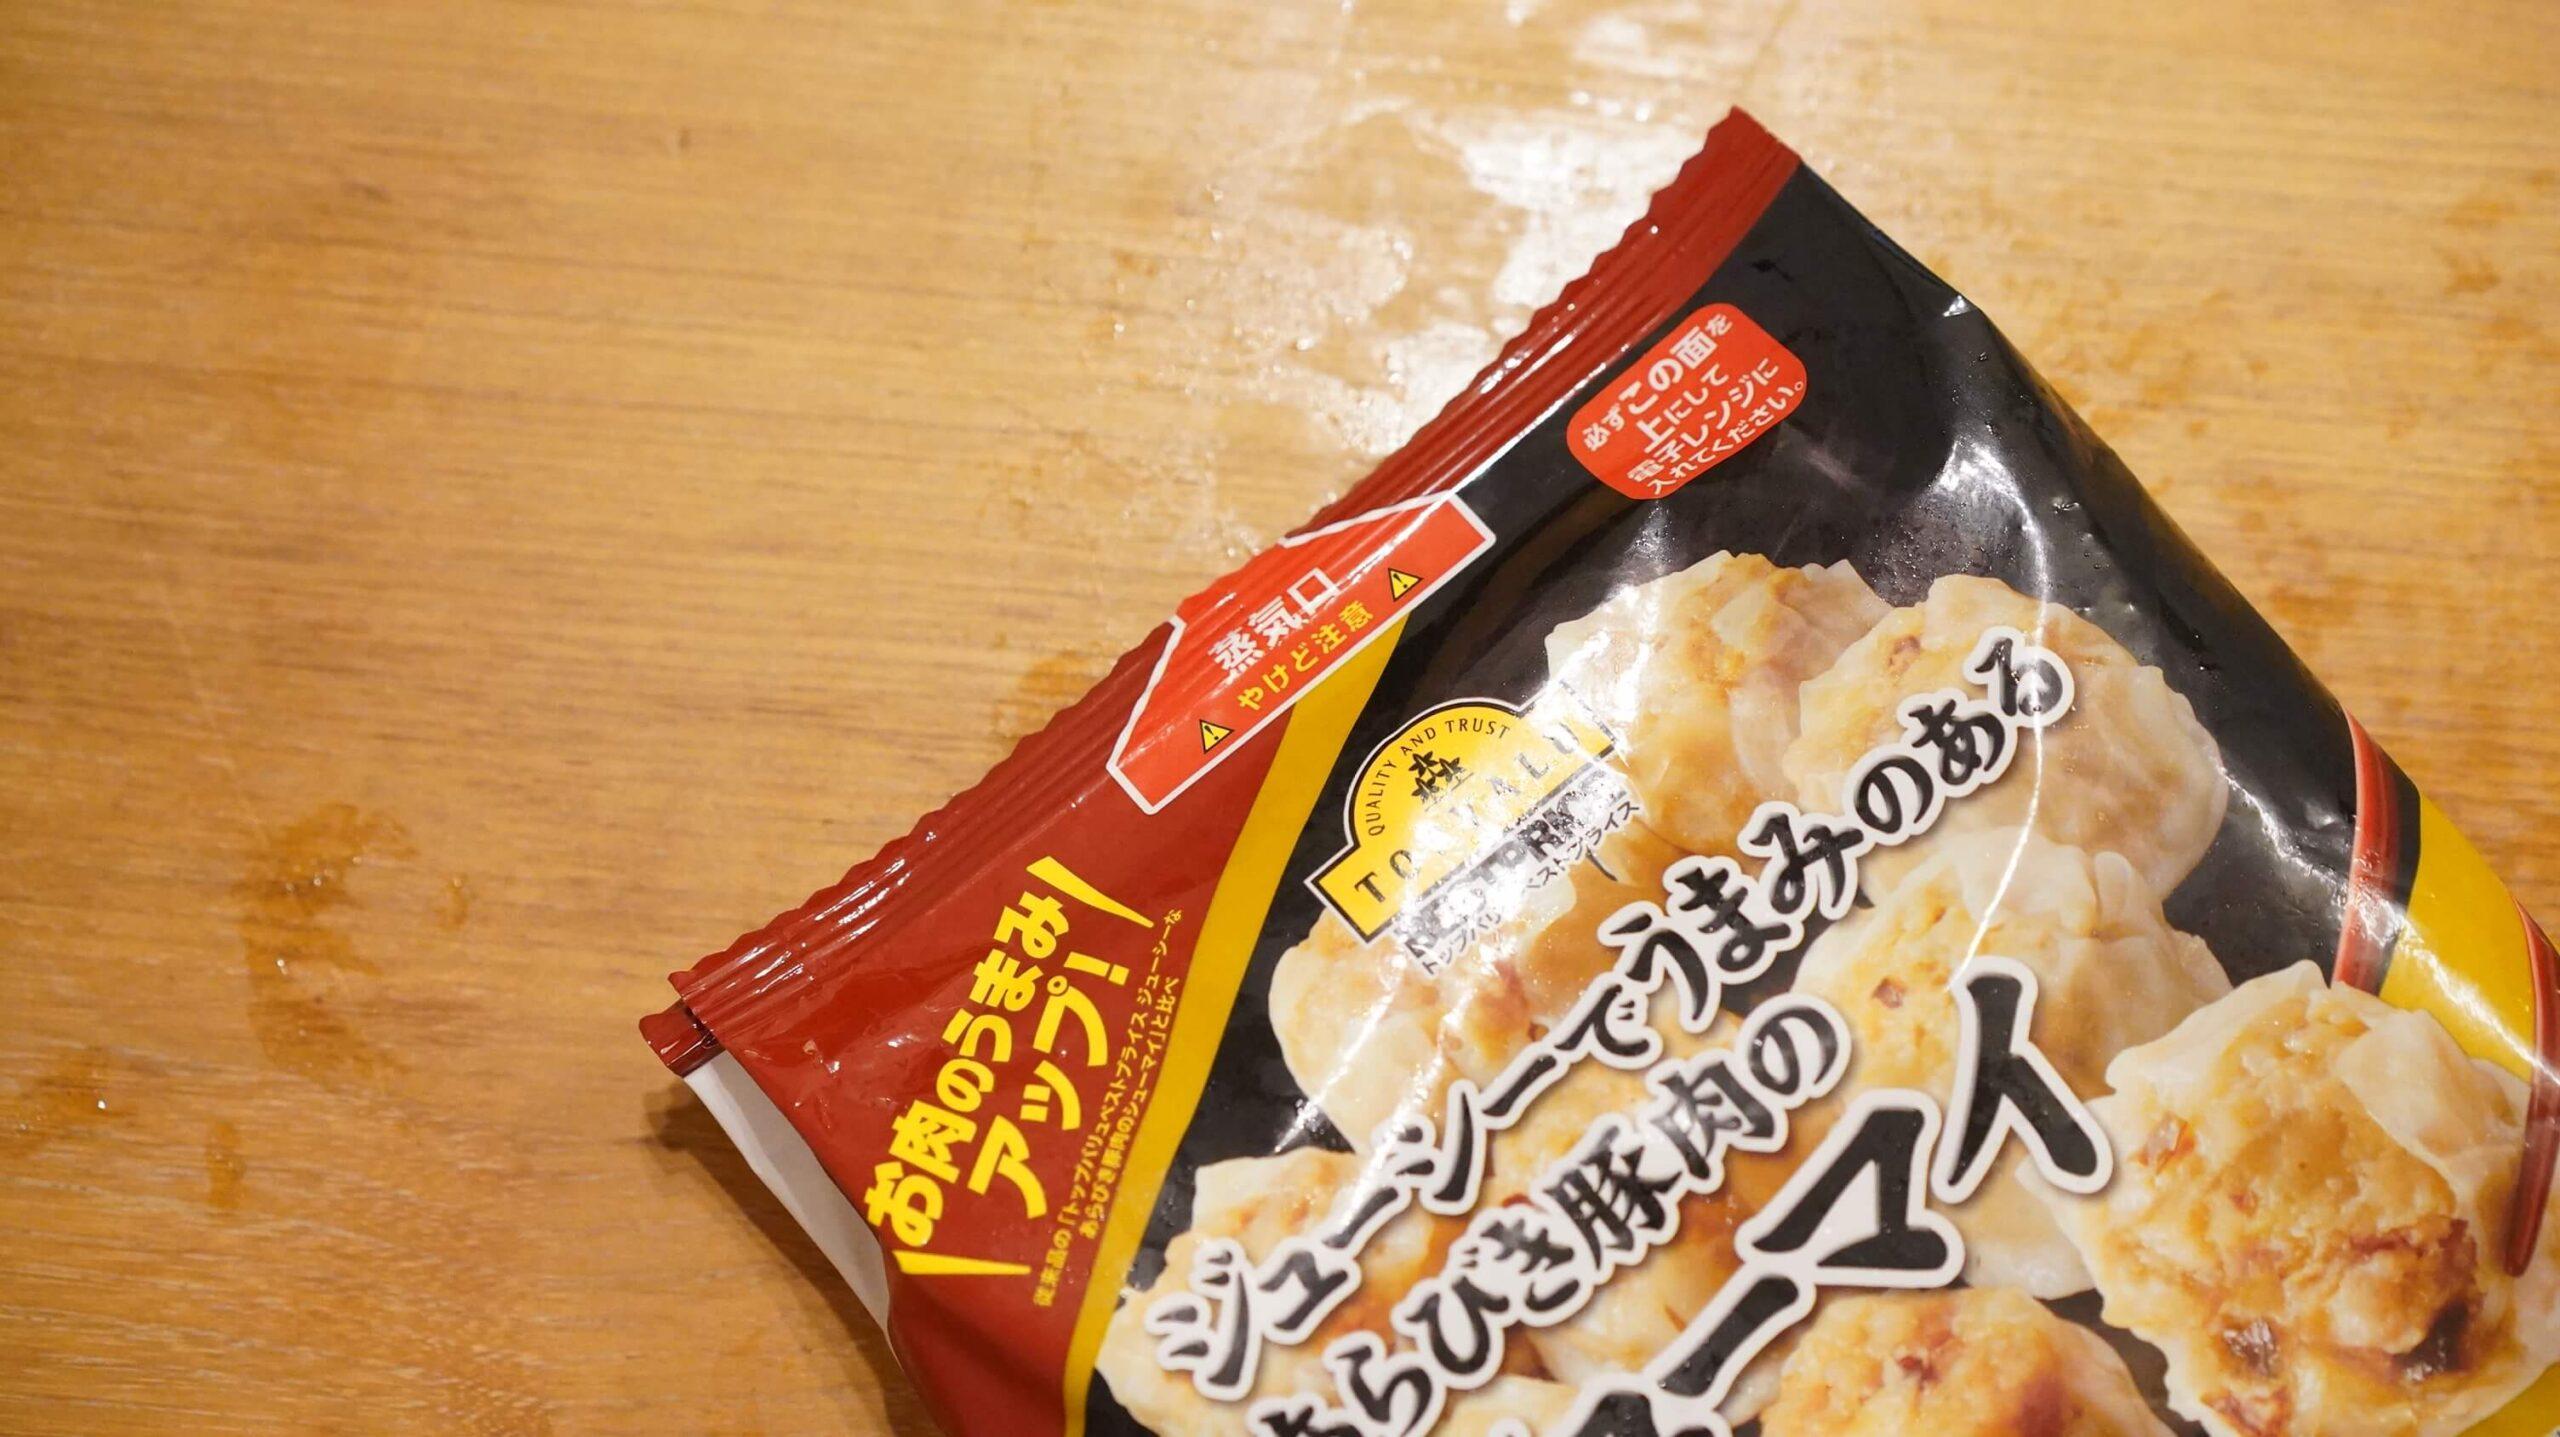 イオン・トップバリュ(TopValu)の「シューマイ」の冷凍食品の蒸気口の写真